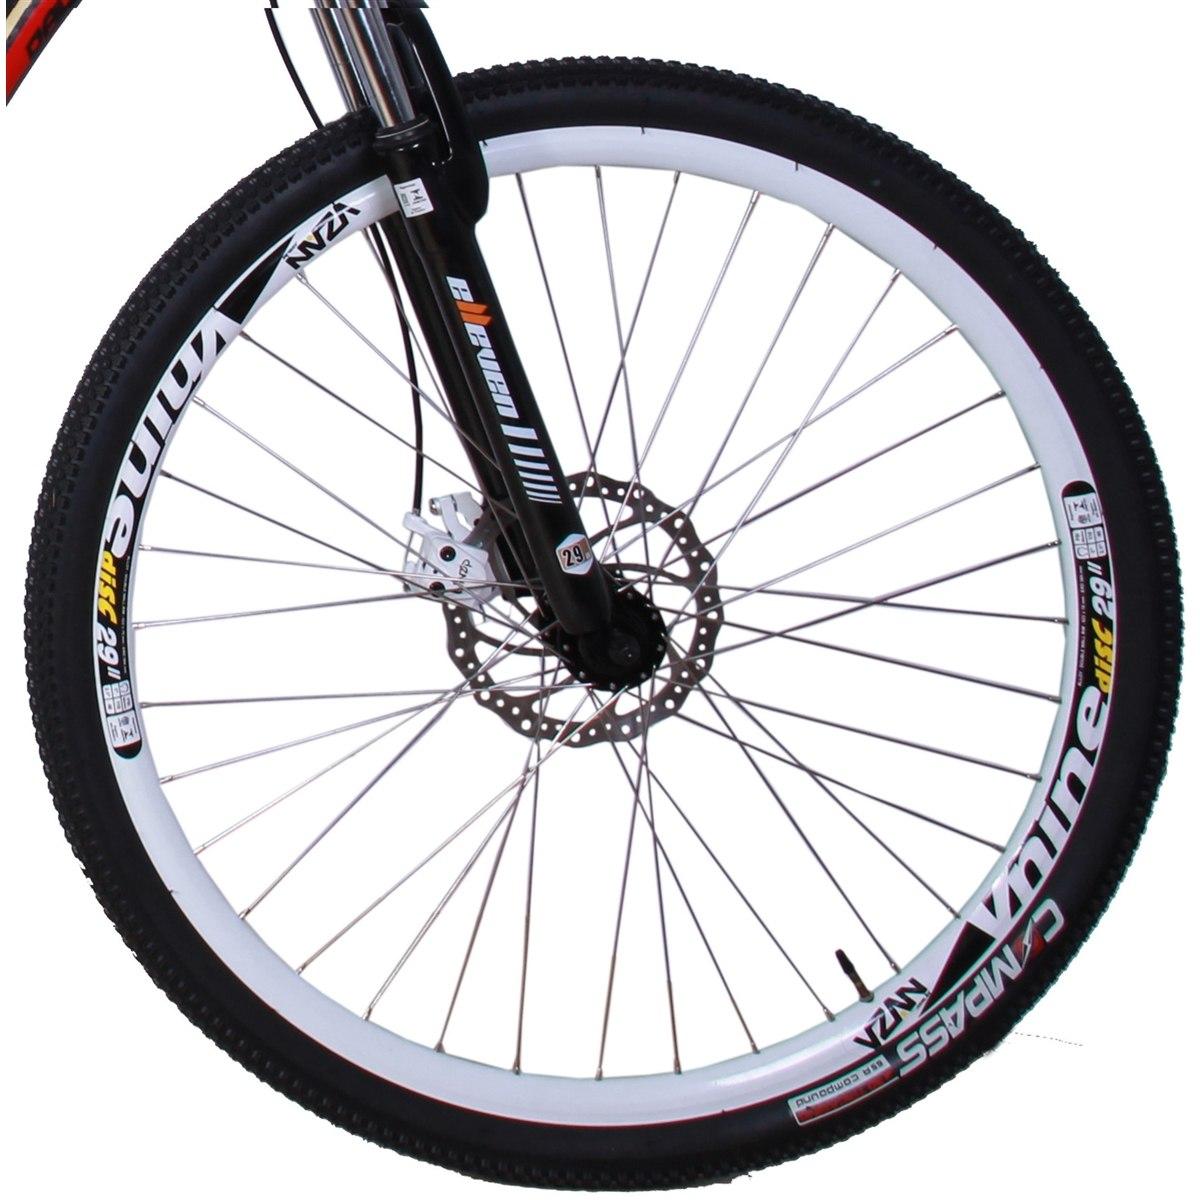 492a118d3 bicicleta mtb alumínio 21v aro 29 duplo freio a disco preta. Carregando  zoom.